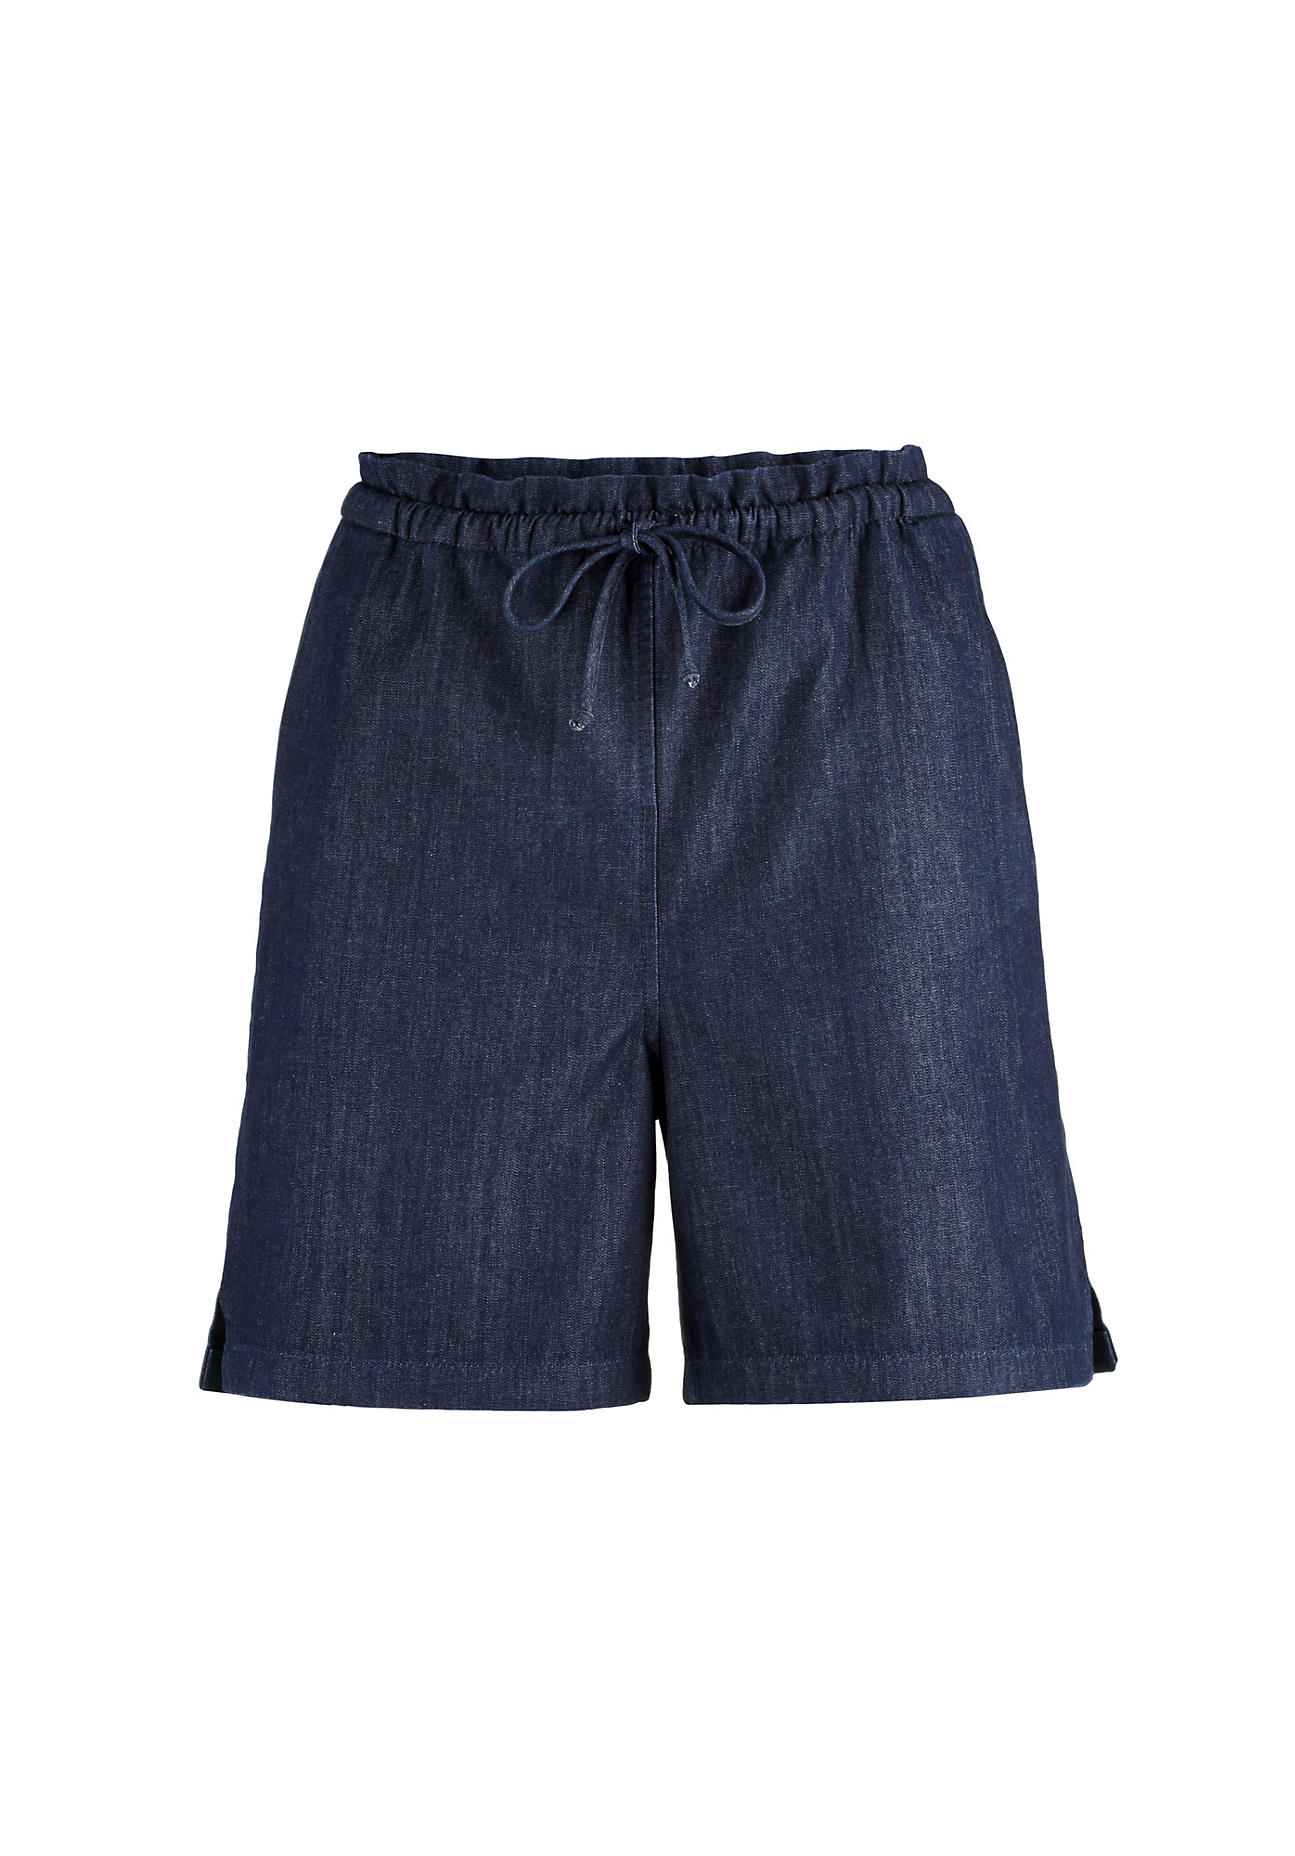 Hosen - hessnatur Damen Jeansshorts aus Bio Denim – blau –  - Onlineshop Hessnatur